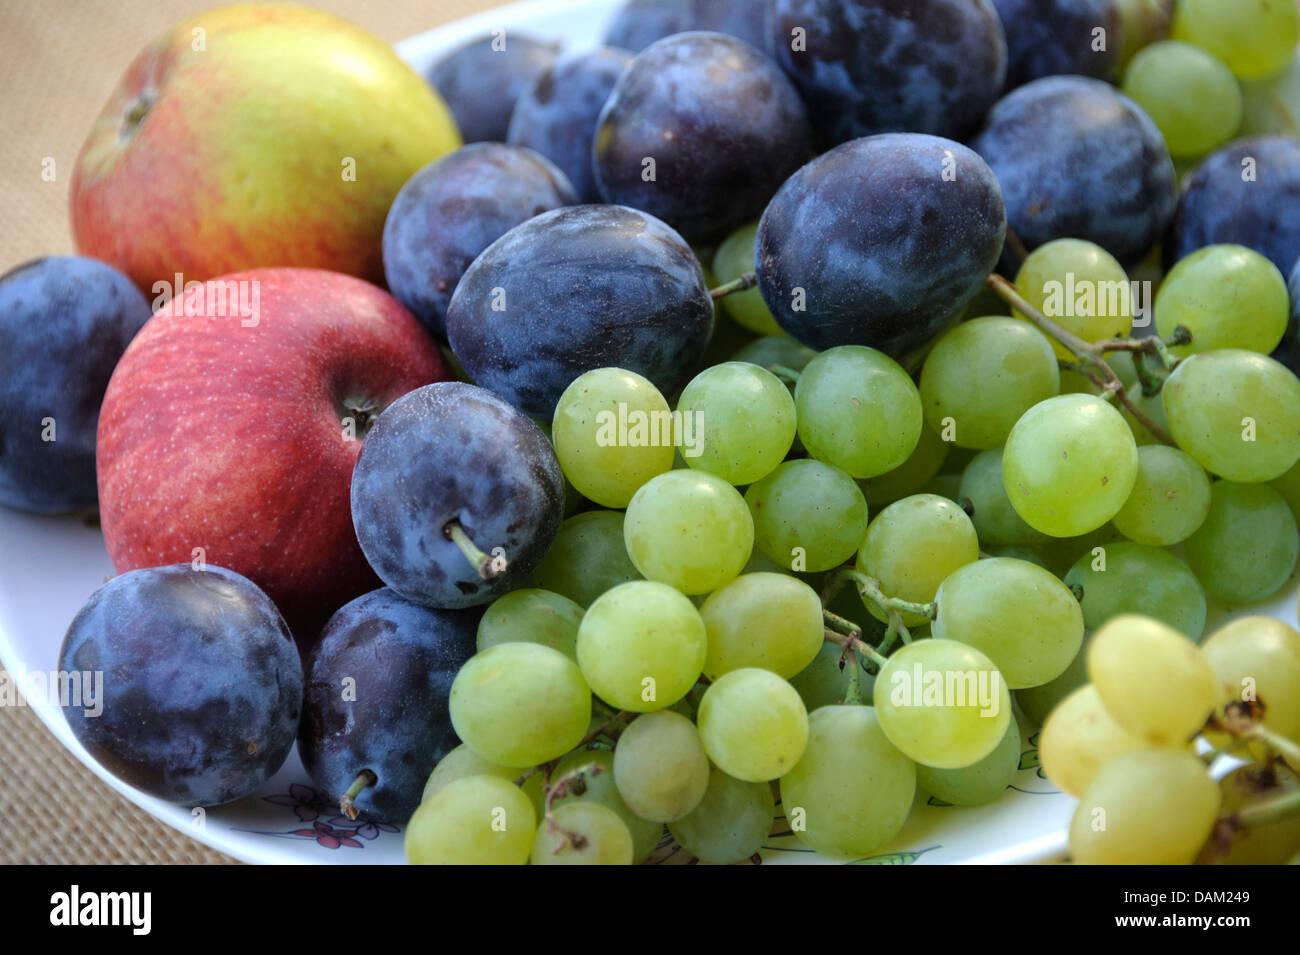 Le prugne, mele e uva su una piastra Immagini Stock